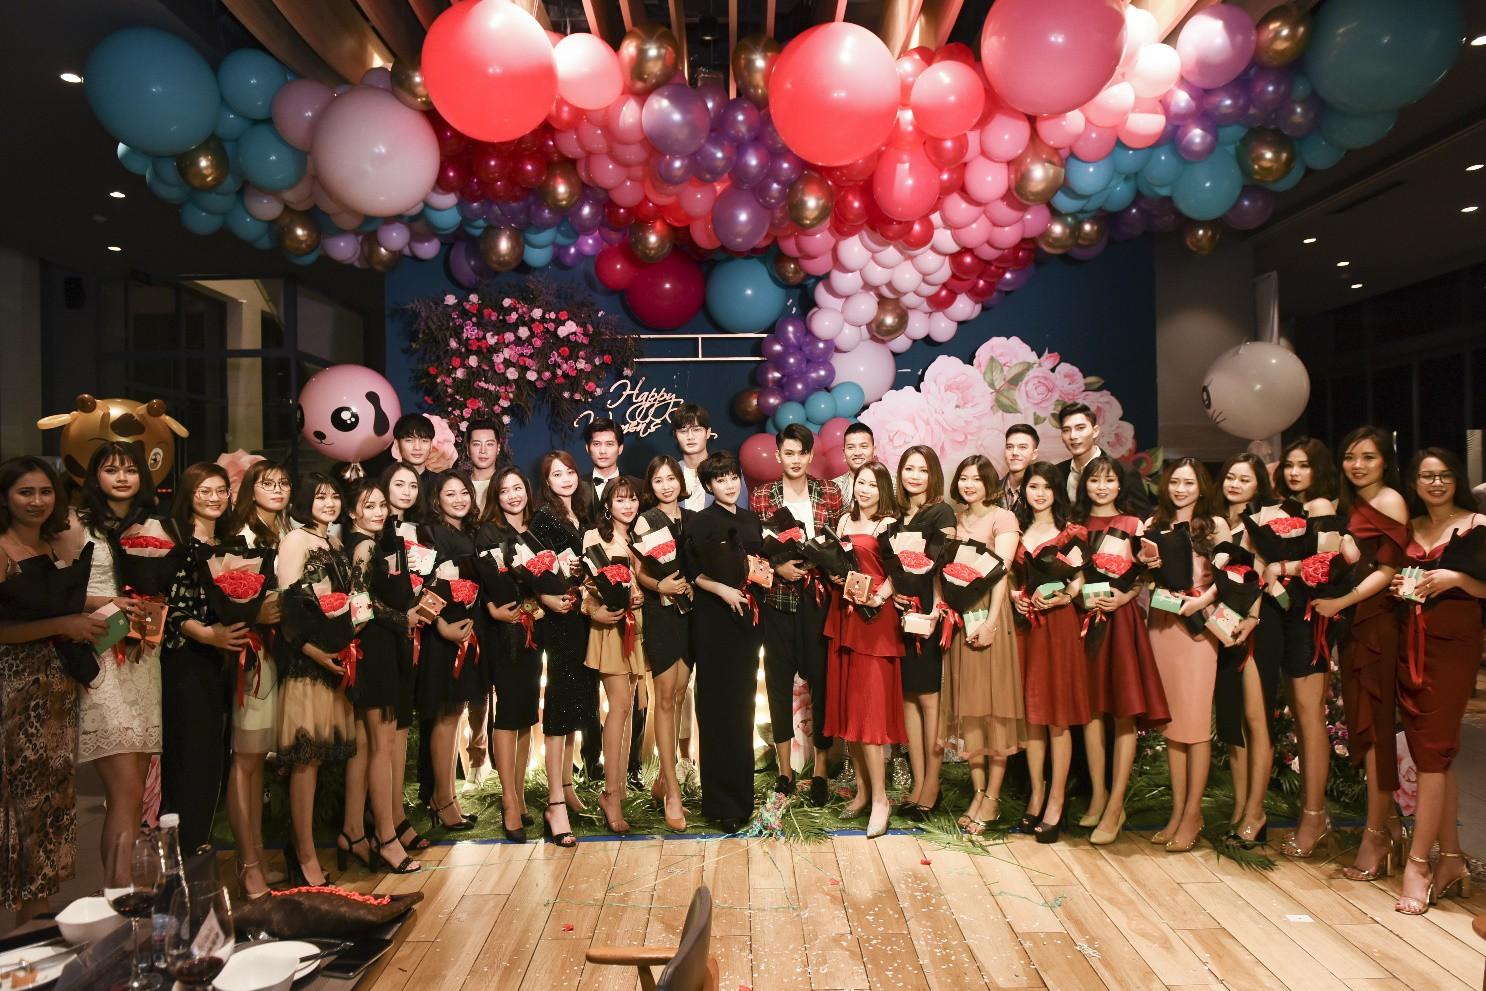 Đào Bá Lộc khuấy động đêm tiệc hoành tráng của công ty Kosxu nhân ngày Quốc tế Phụ nữ - Ảnh 1.